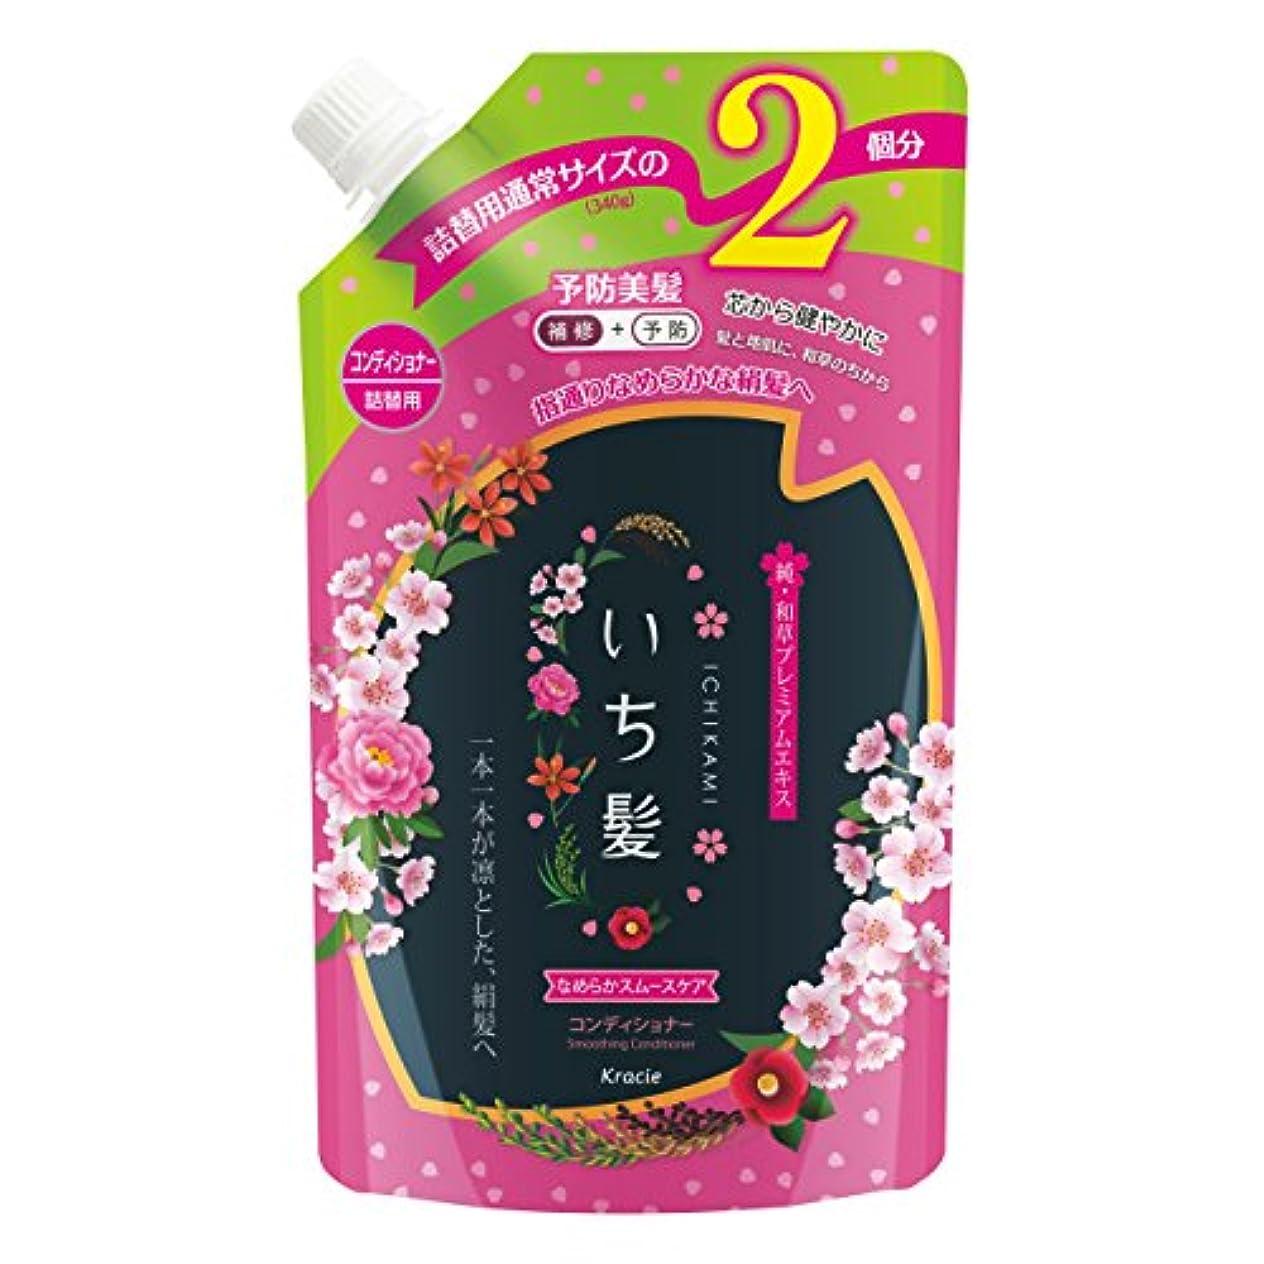 ホース測定可能電球いち髪 なめらかスムースケア コンディショナー 詰替用2回分 680g